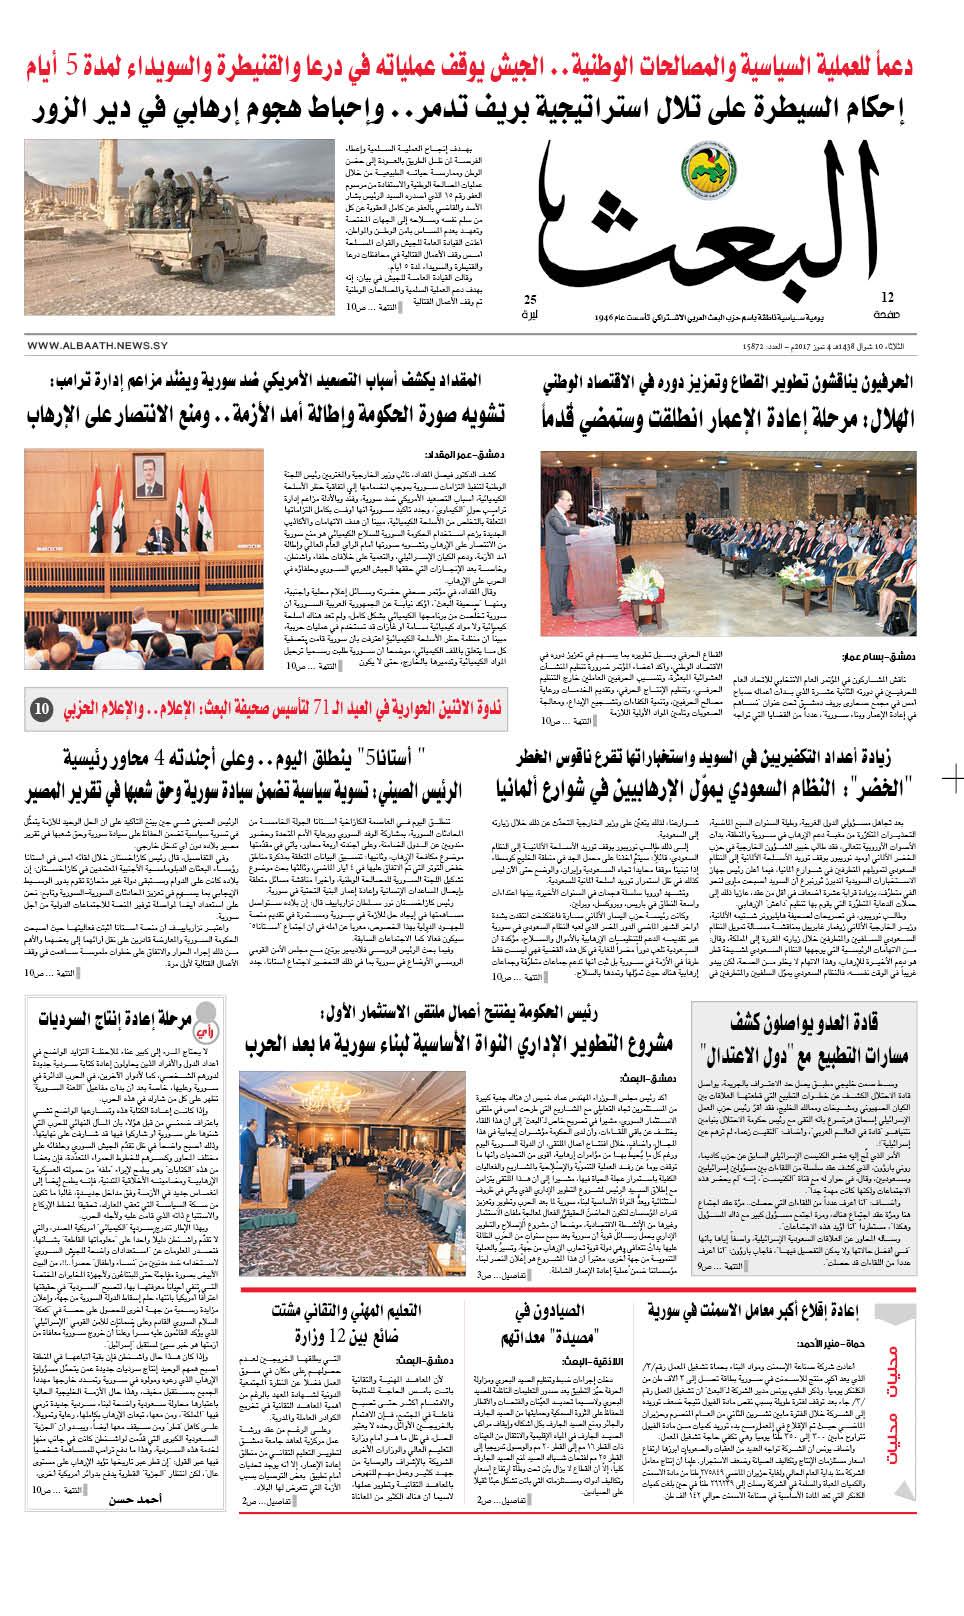 لتصفح العدد 15872 تاريخ 4-7-2017